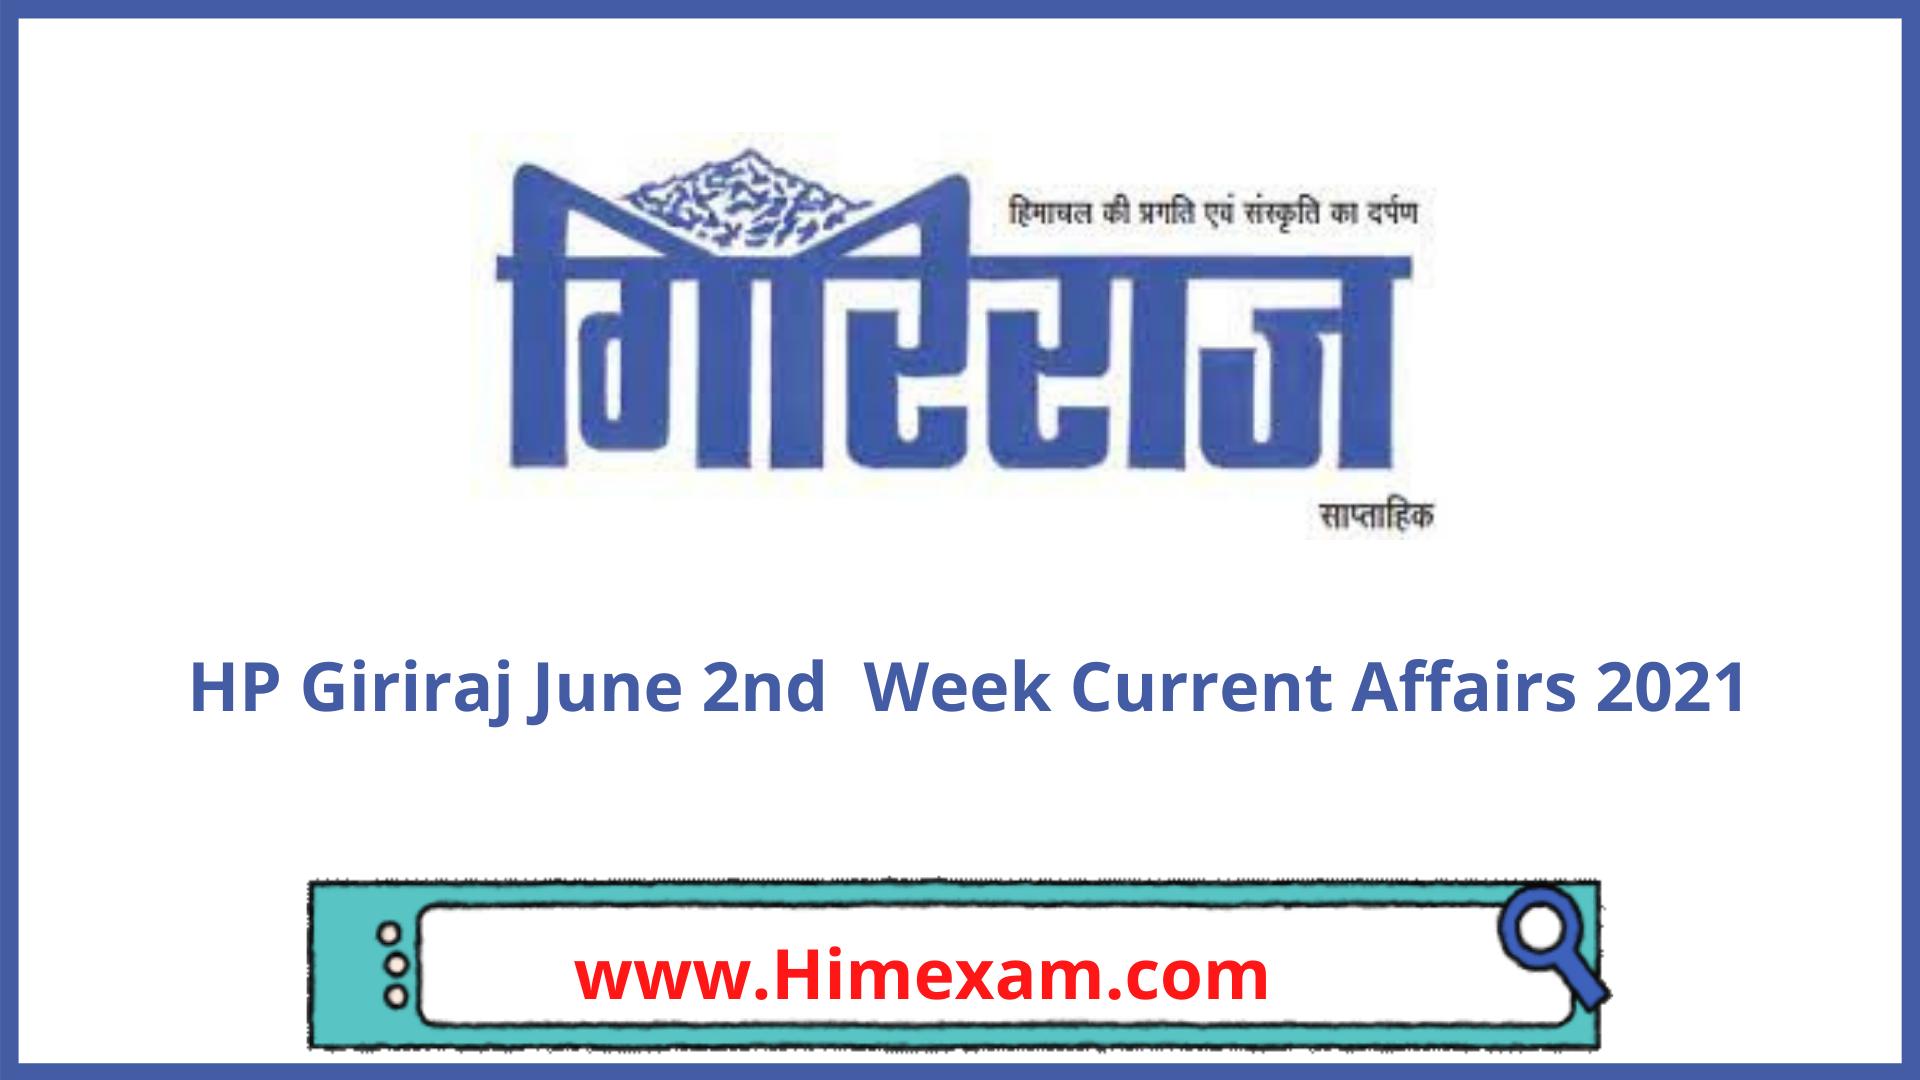 HP Giriraj June 2nd  Week Current Affairs 2021